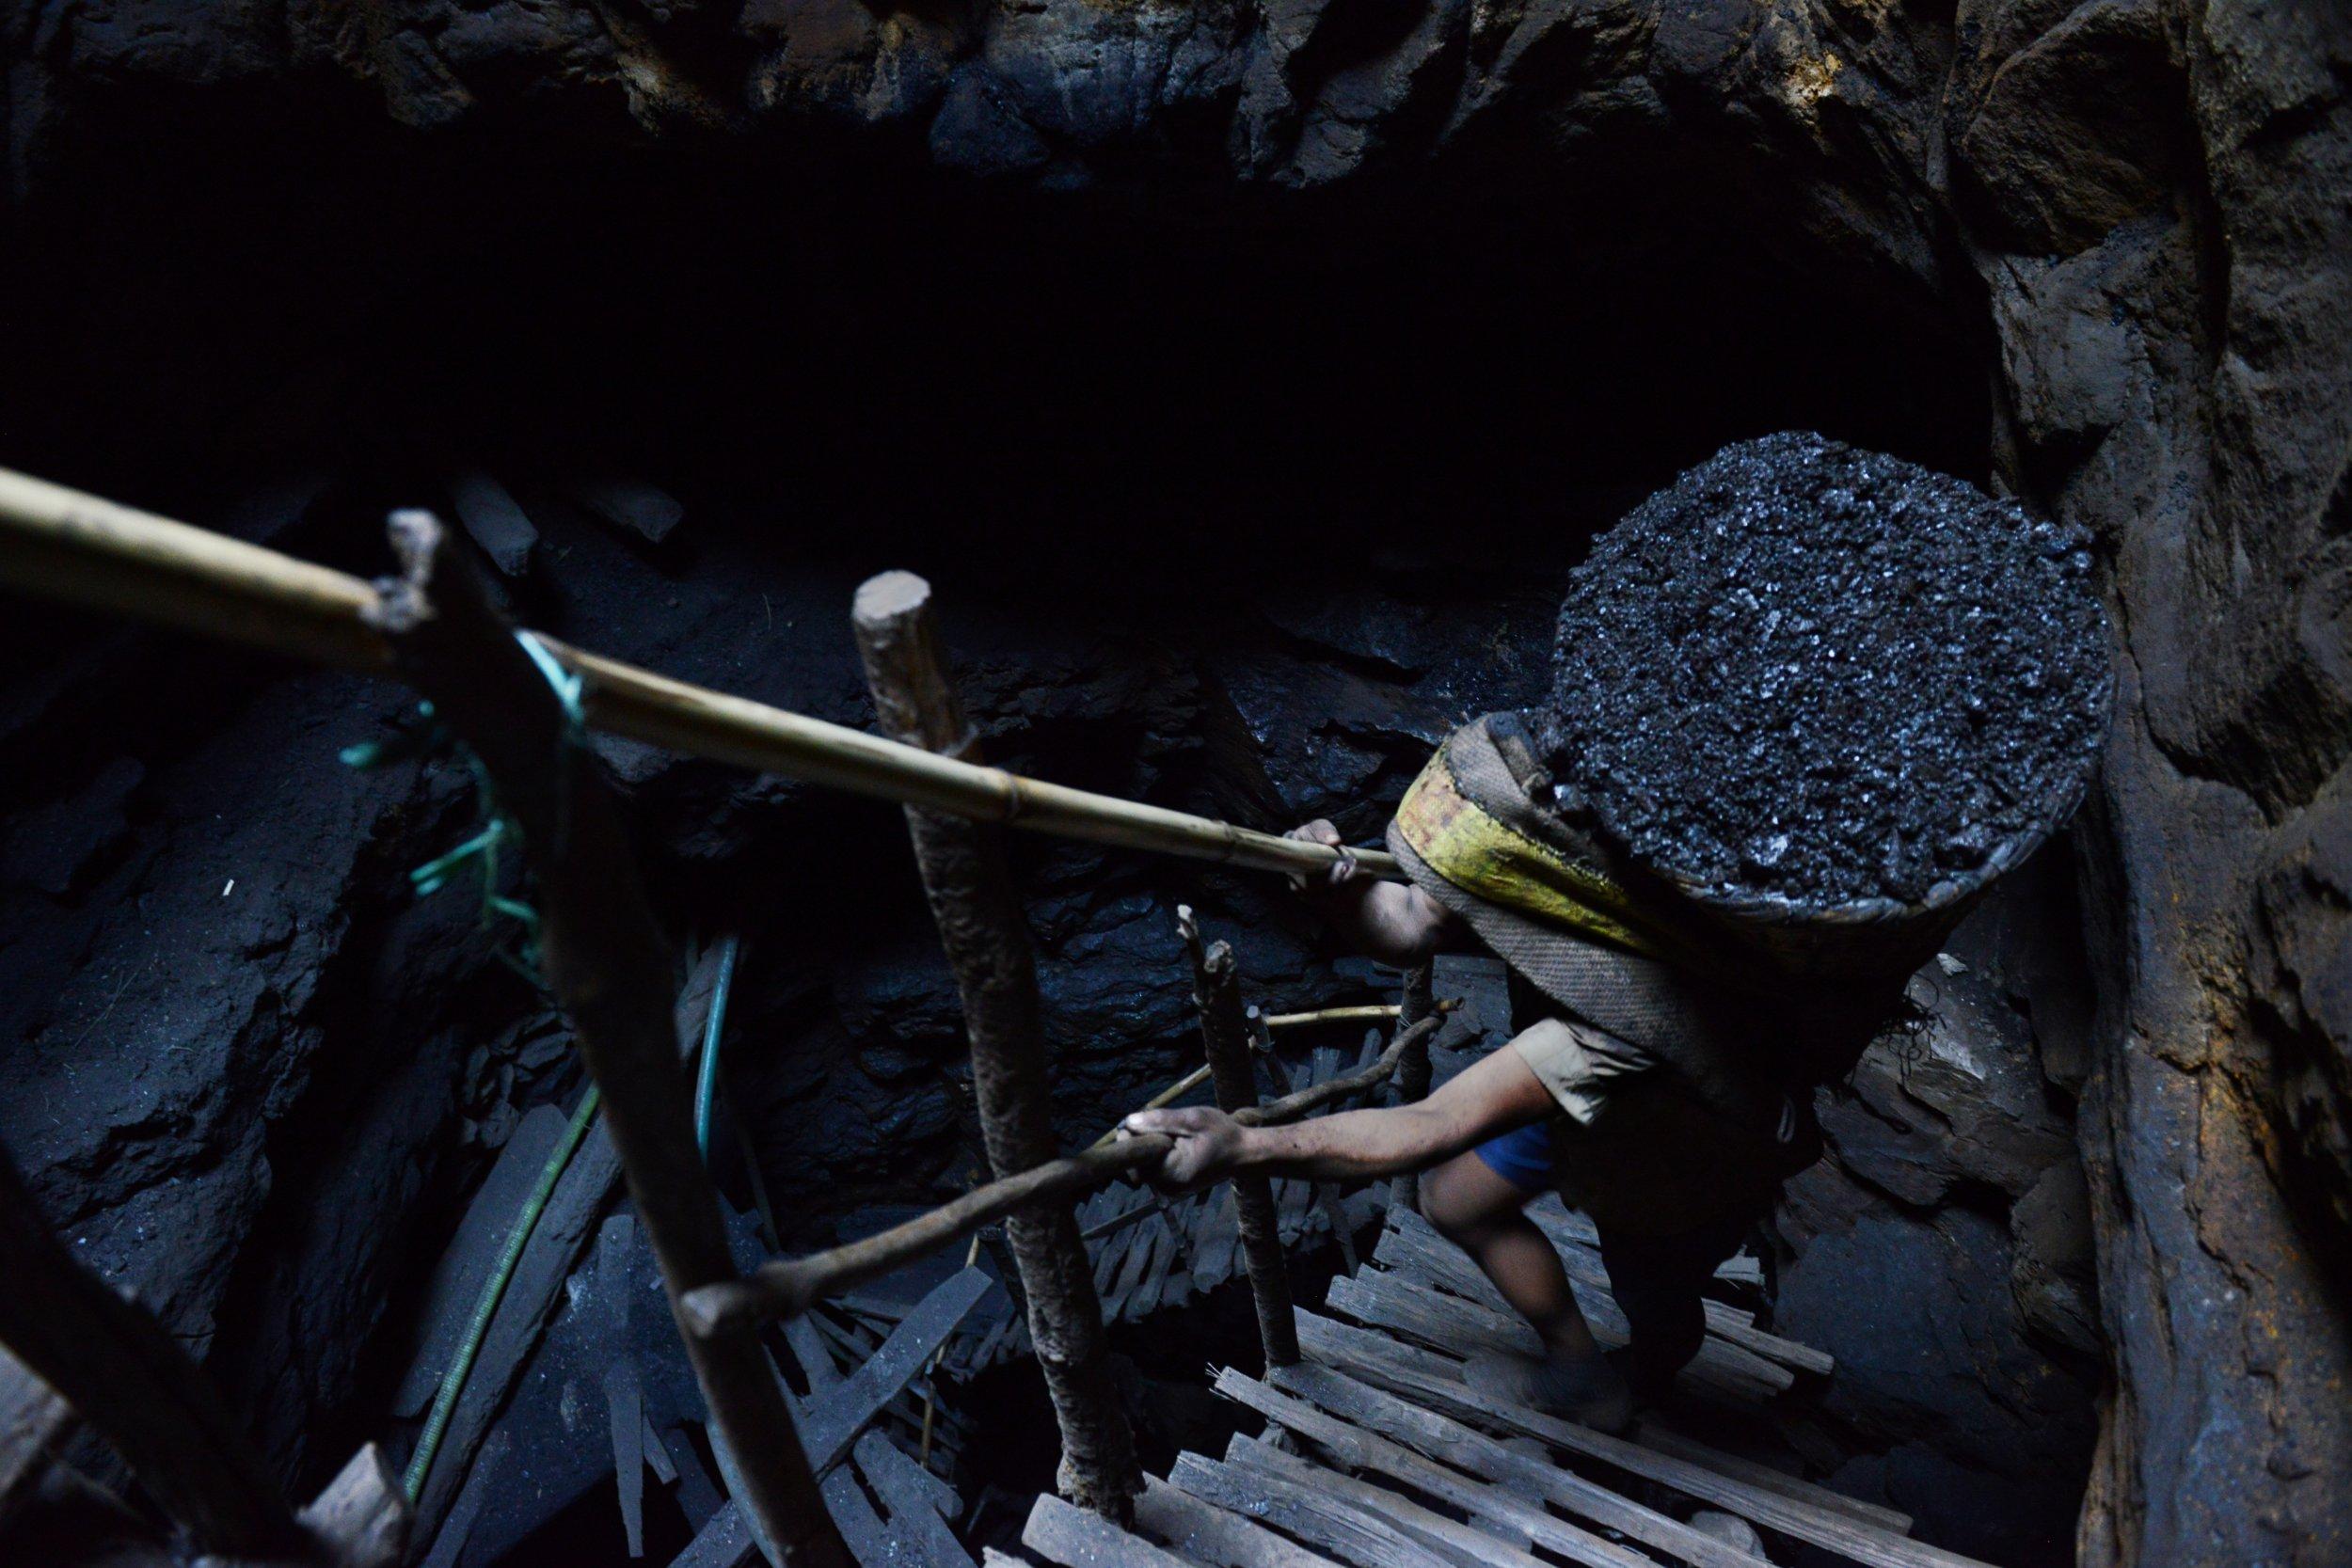 Indian coal mining